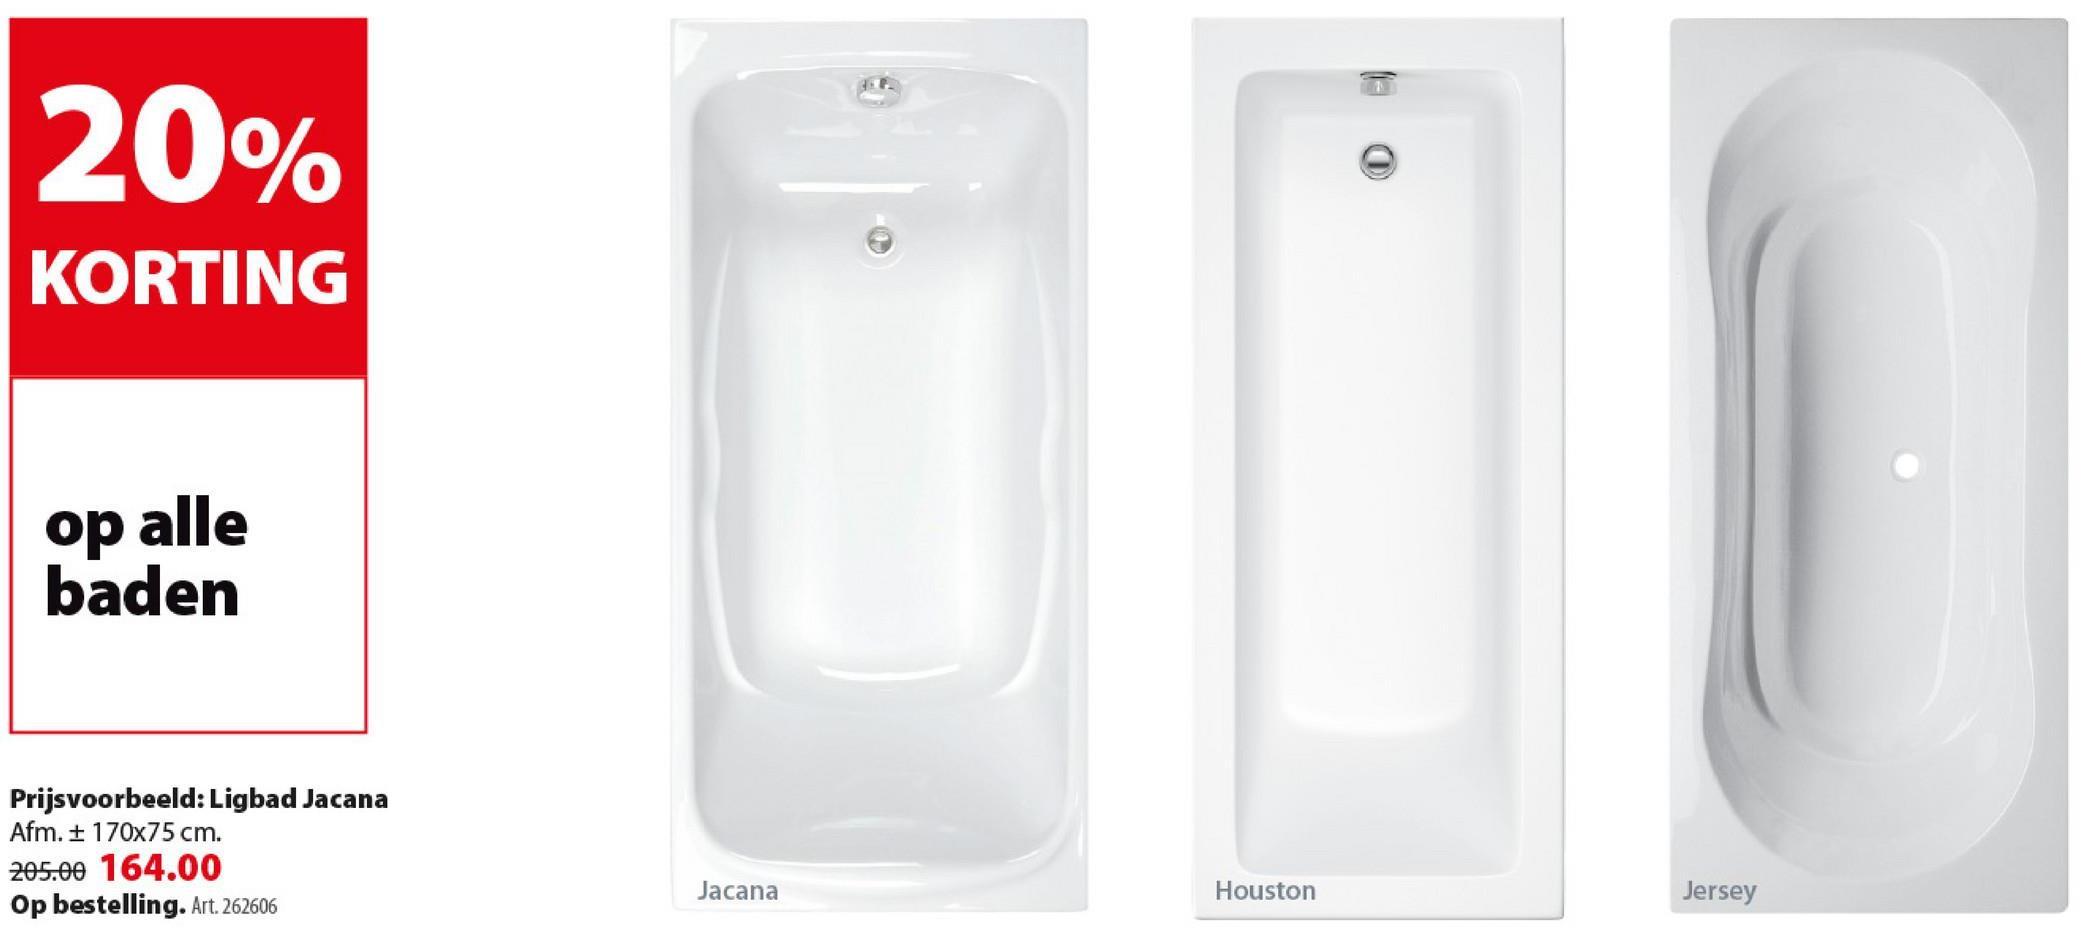 Allibert Jacana ligbad ca. 170x75 cm toplax wit Je bent op zoek naar een bad met een hoge duurzaamheid? Kies voor een bad gemaakt uit toplax: acryl met een stevige toplaag van ABS. Maak je keuze uit verschillende modellen, zoals dit Jacana ligbad van 170 cm lang en 75 cm breed.